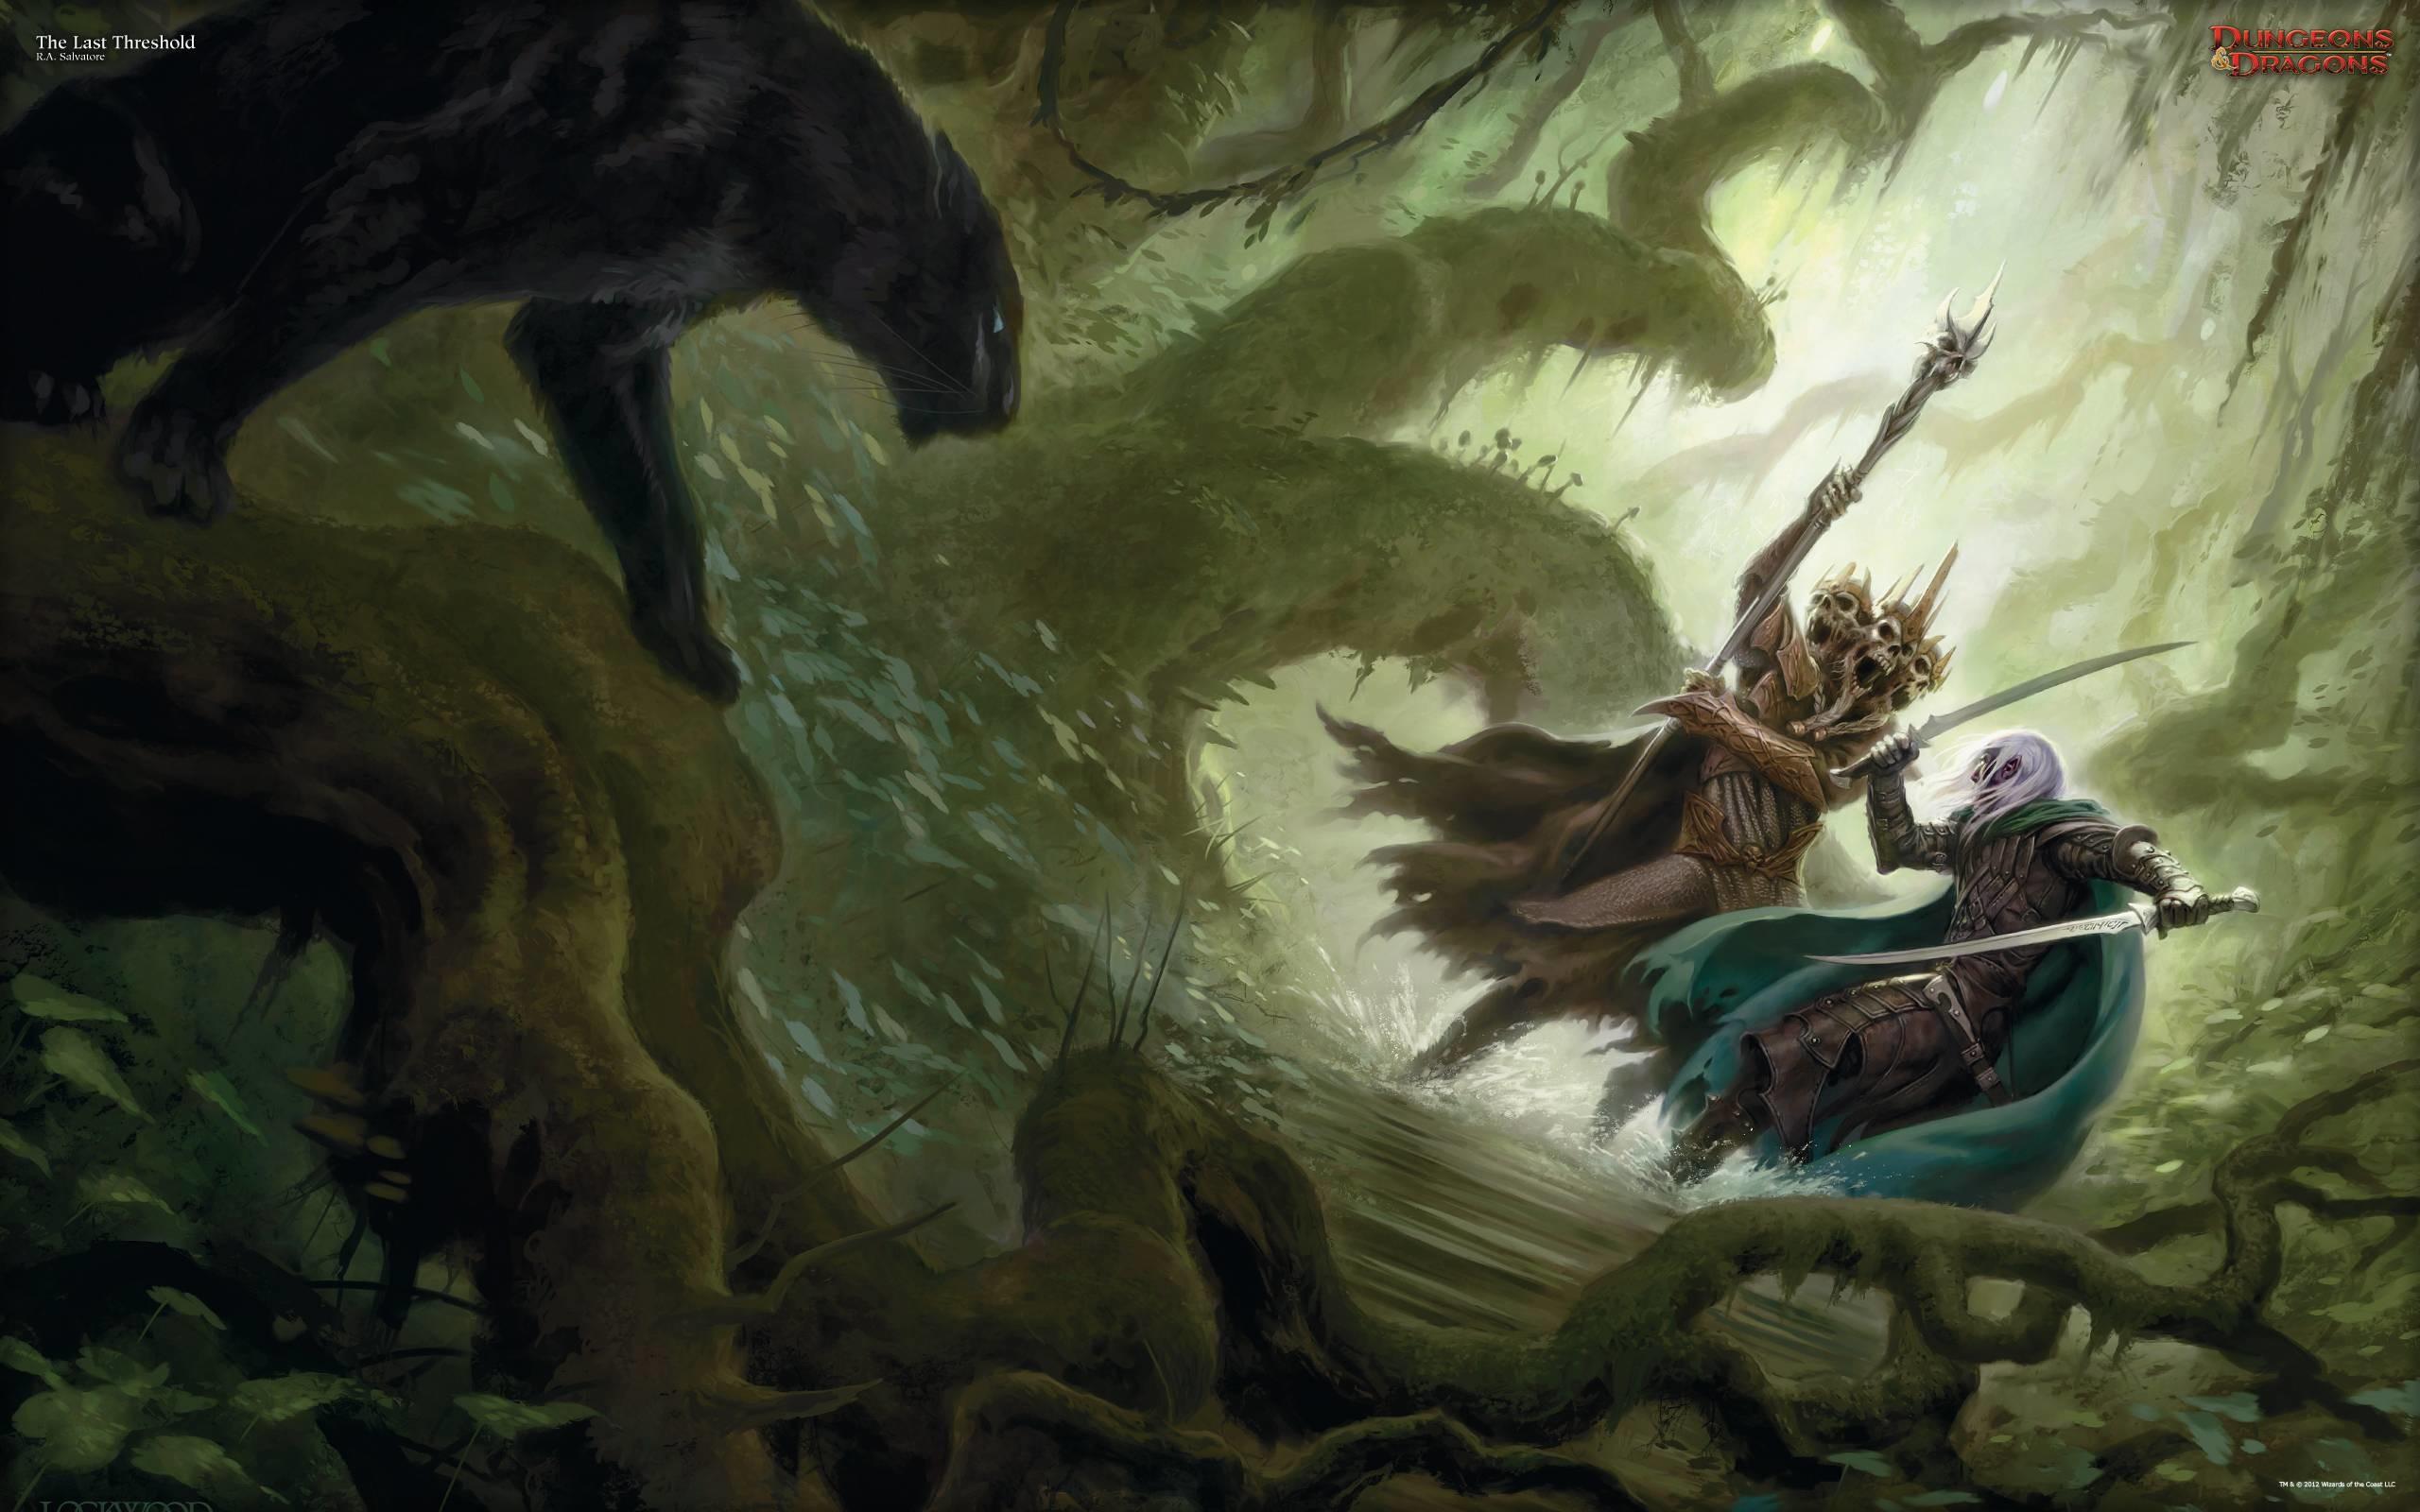 D&D Wallpapers | Dungeon DuTchess